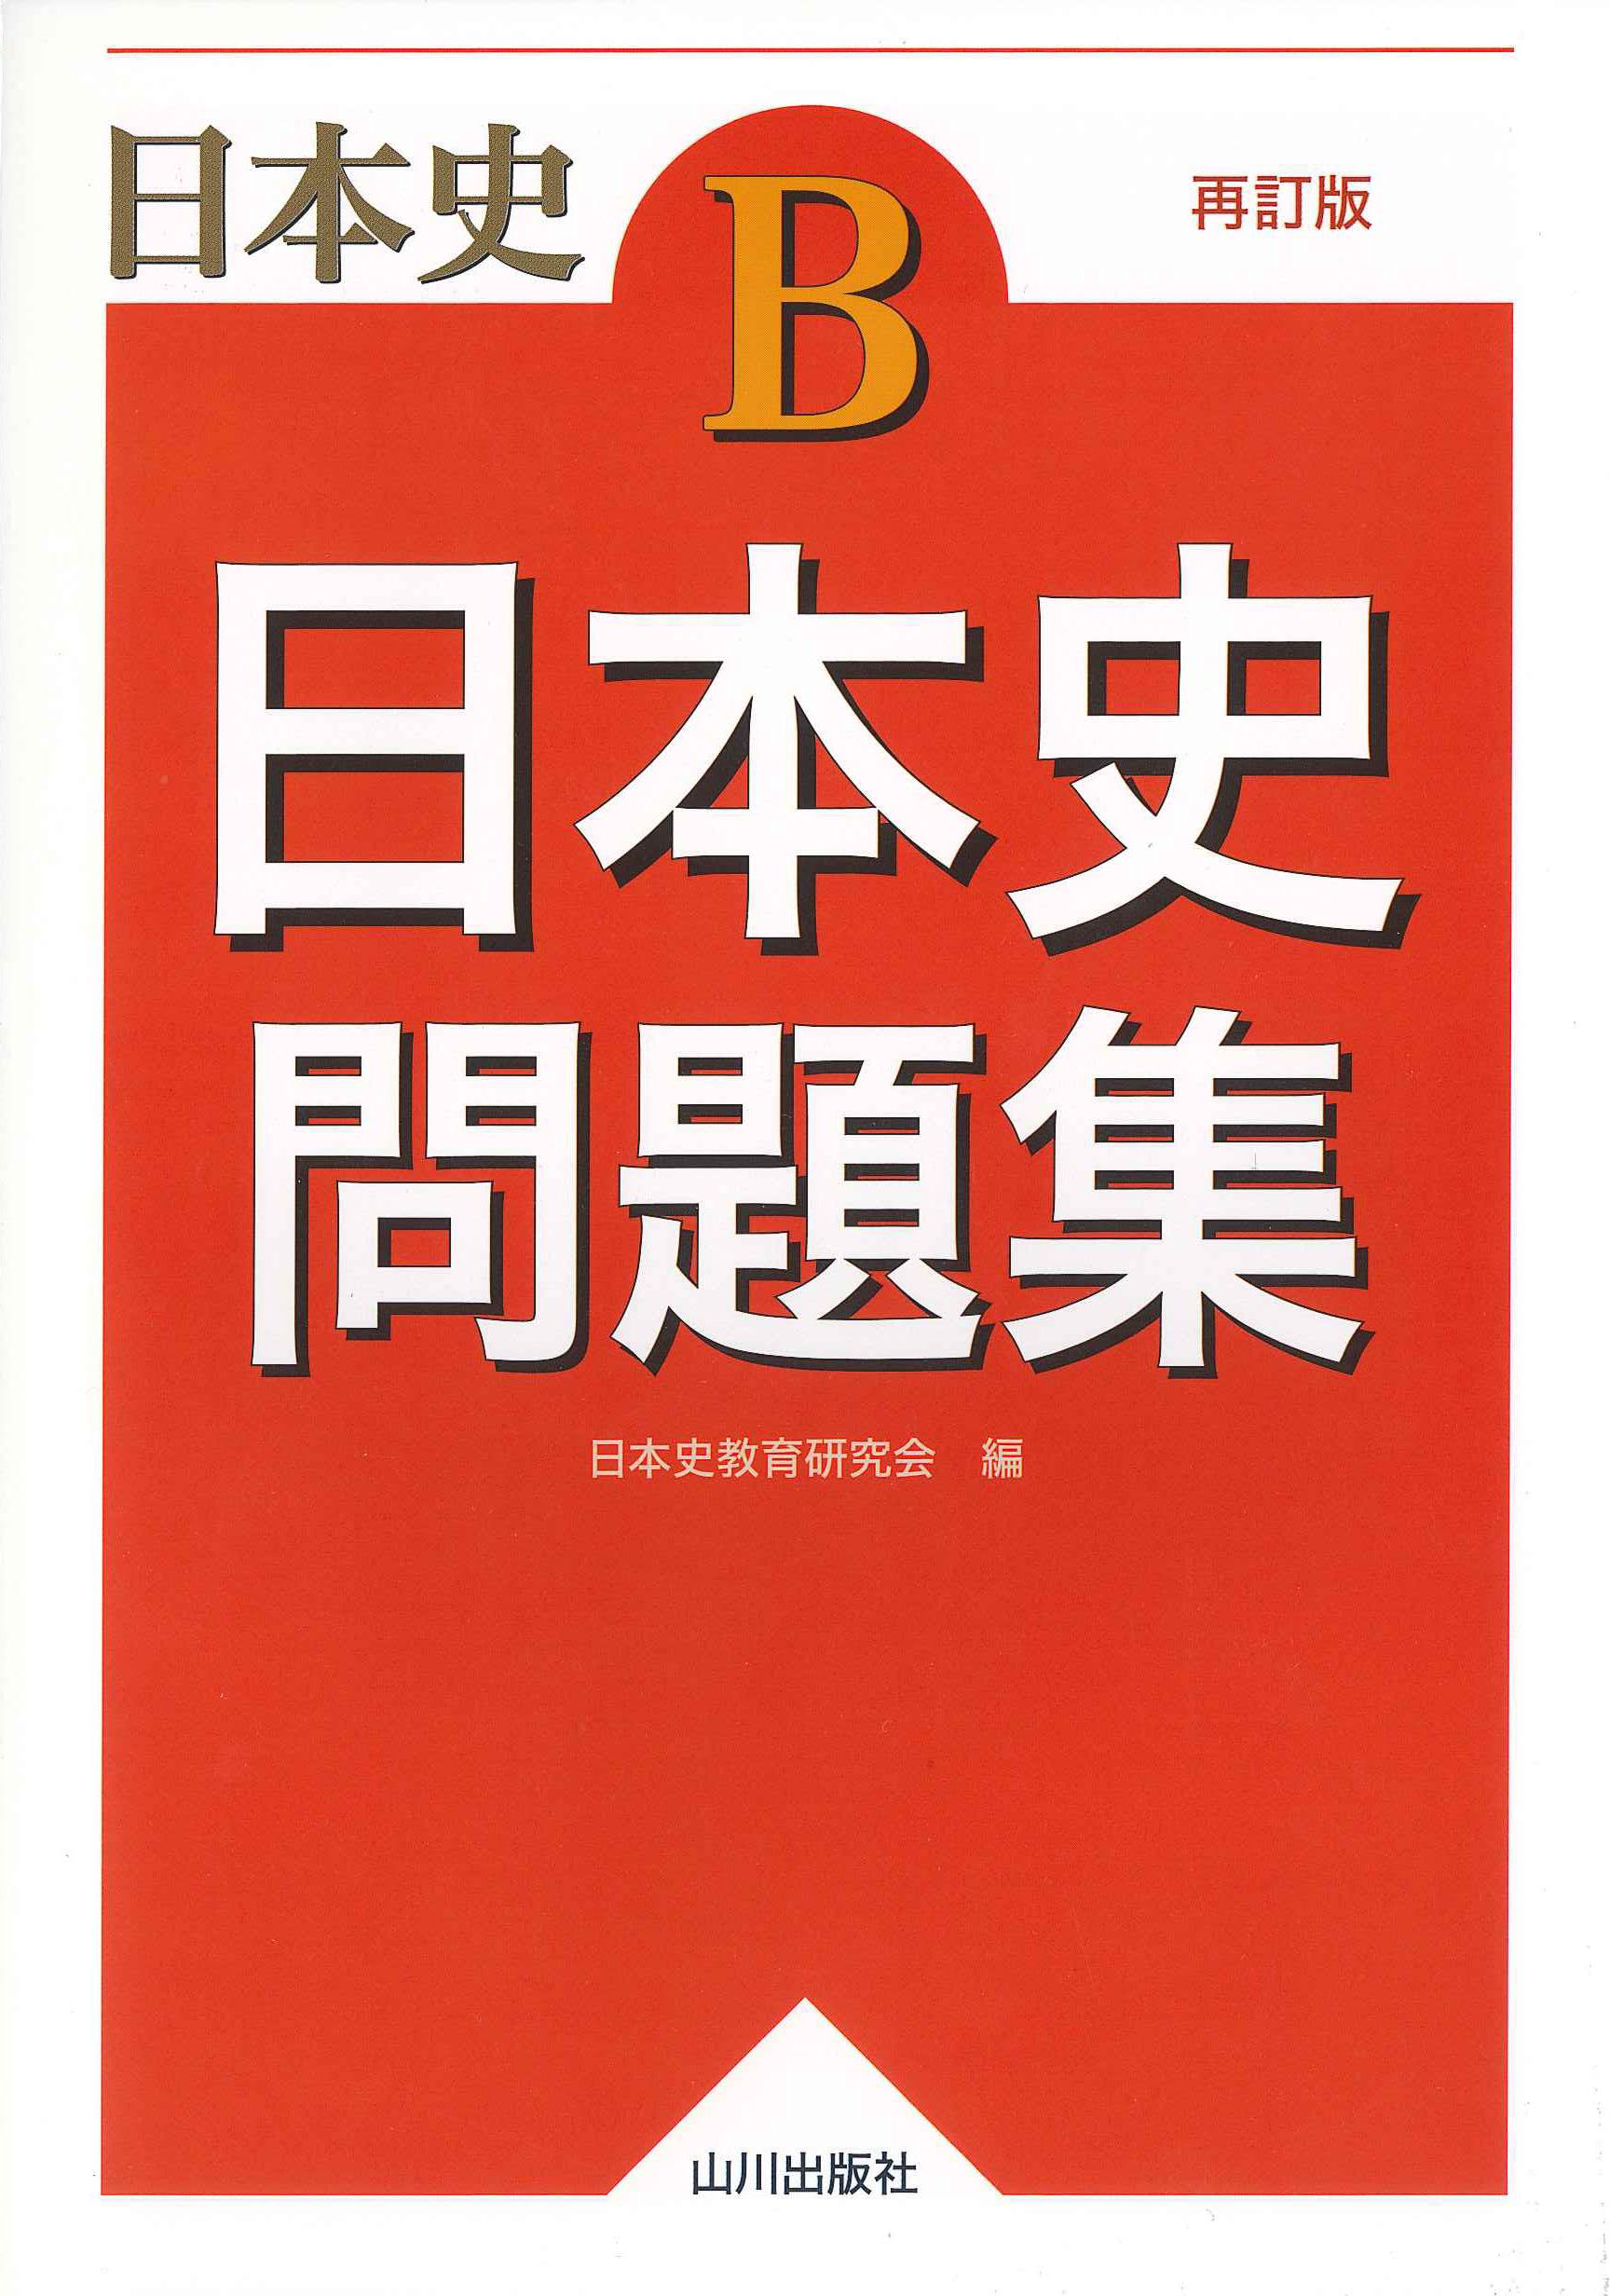 日本史B 日本史問題集 再訂版 | 山川出版社